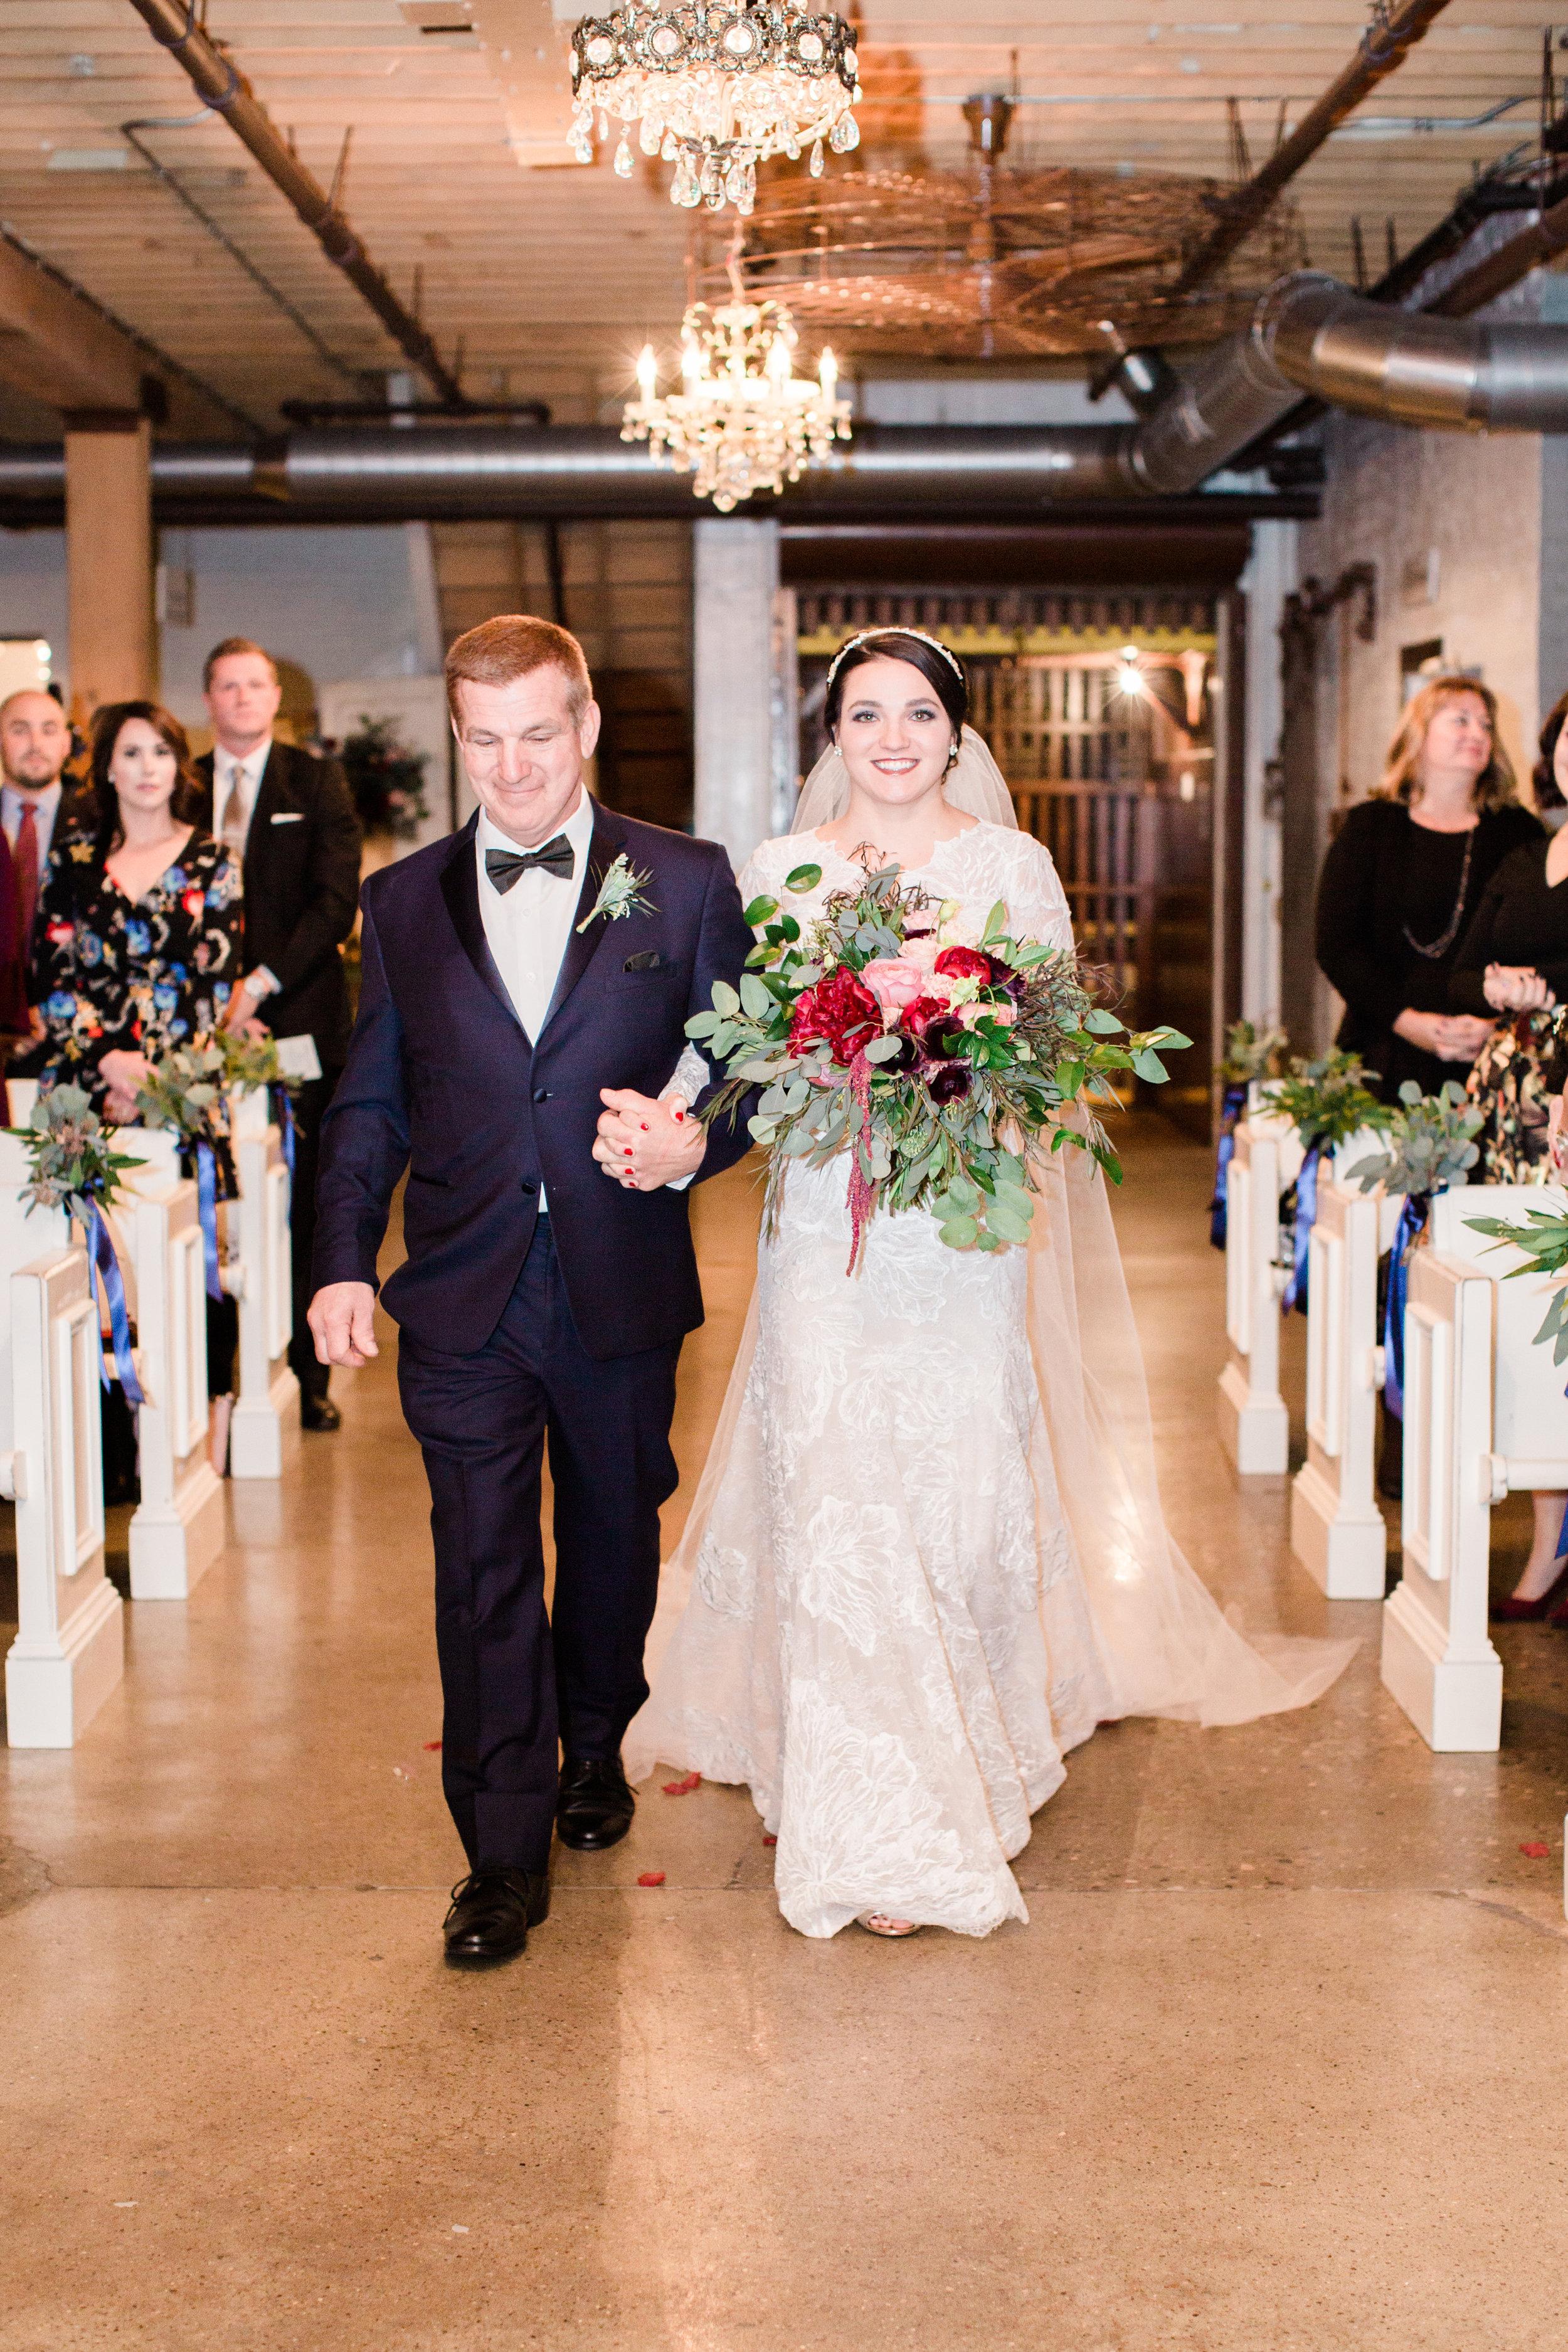 Vogelzang+Wedding+Ceremony-74.jpg